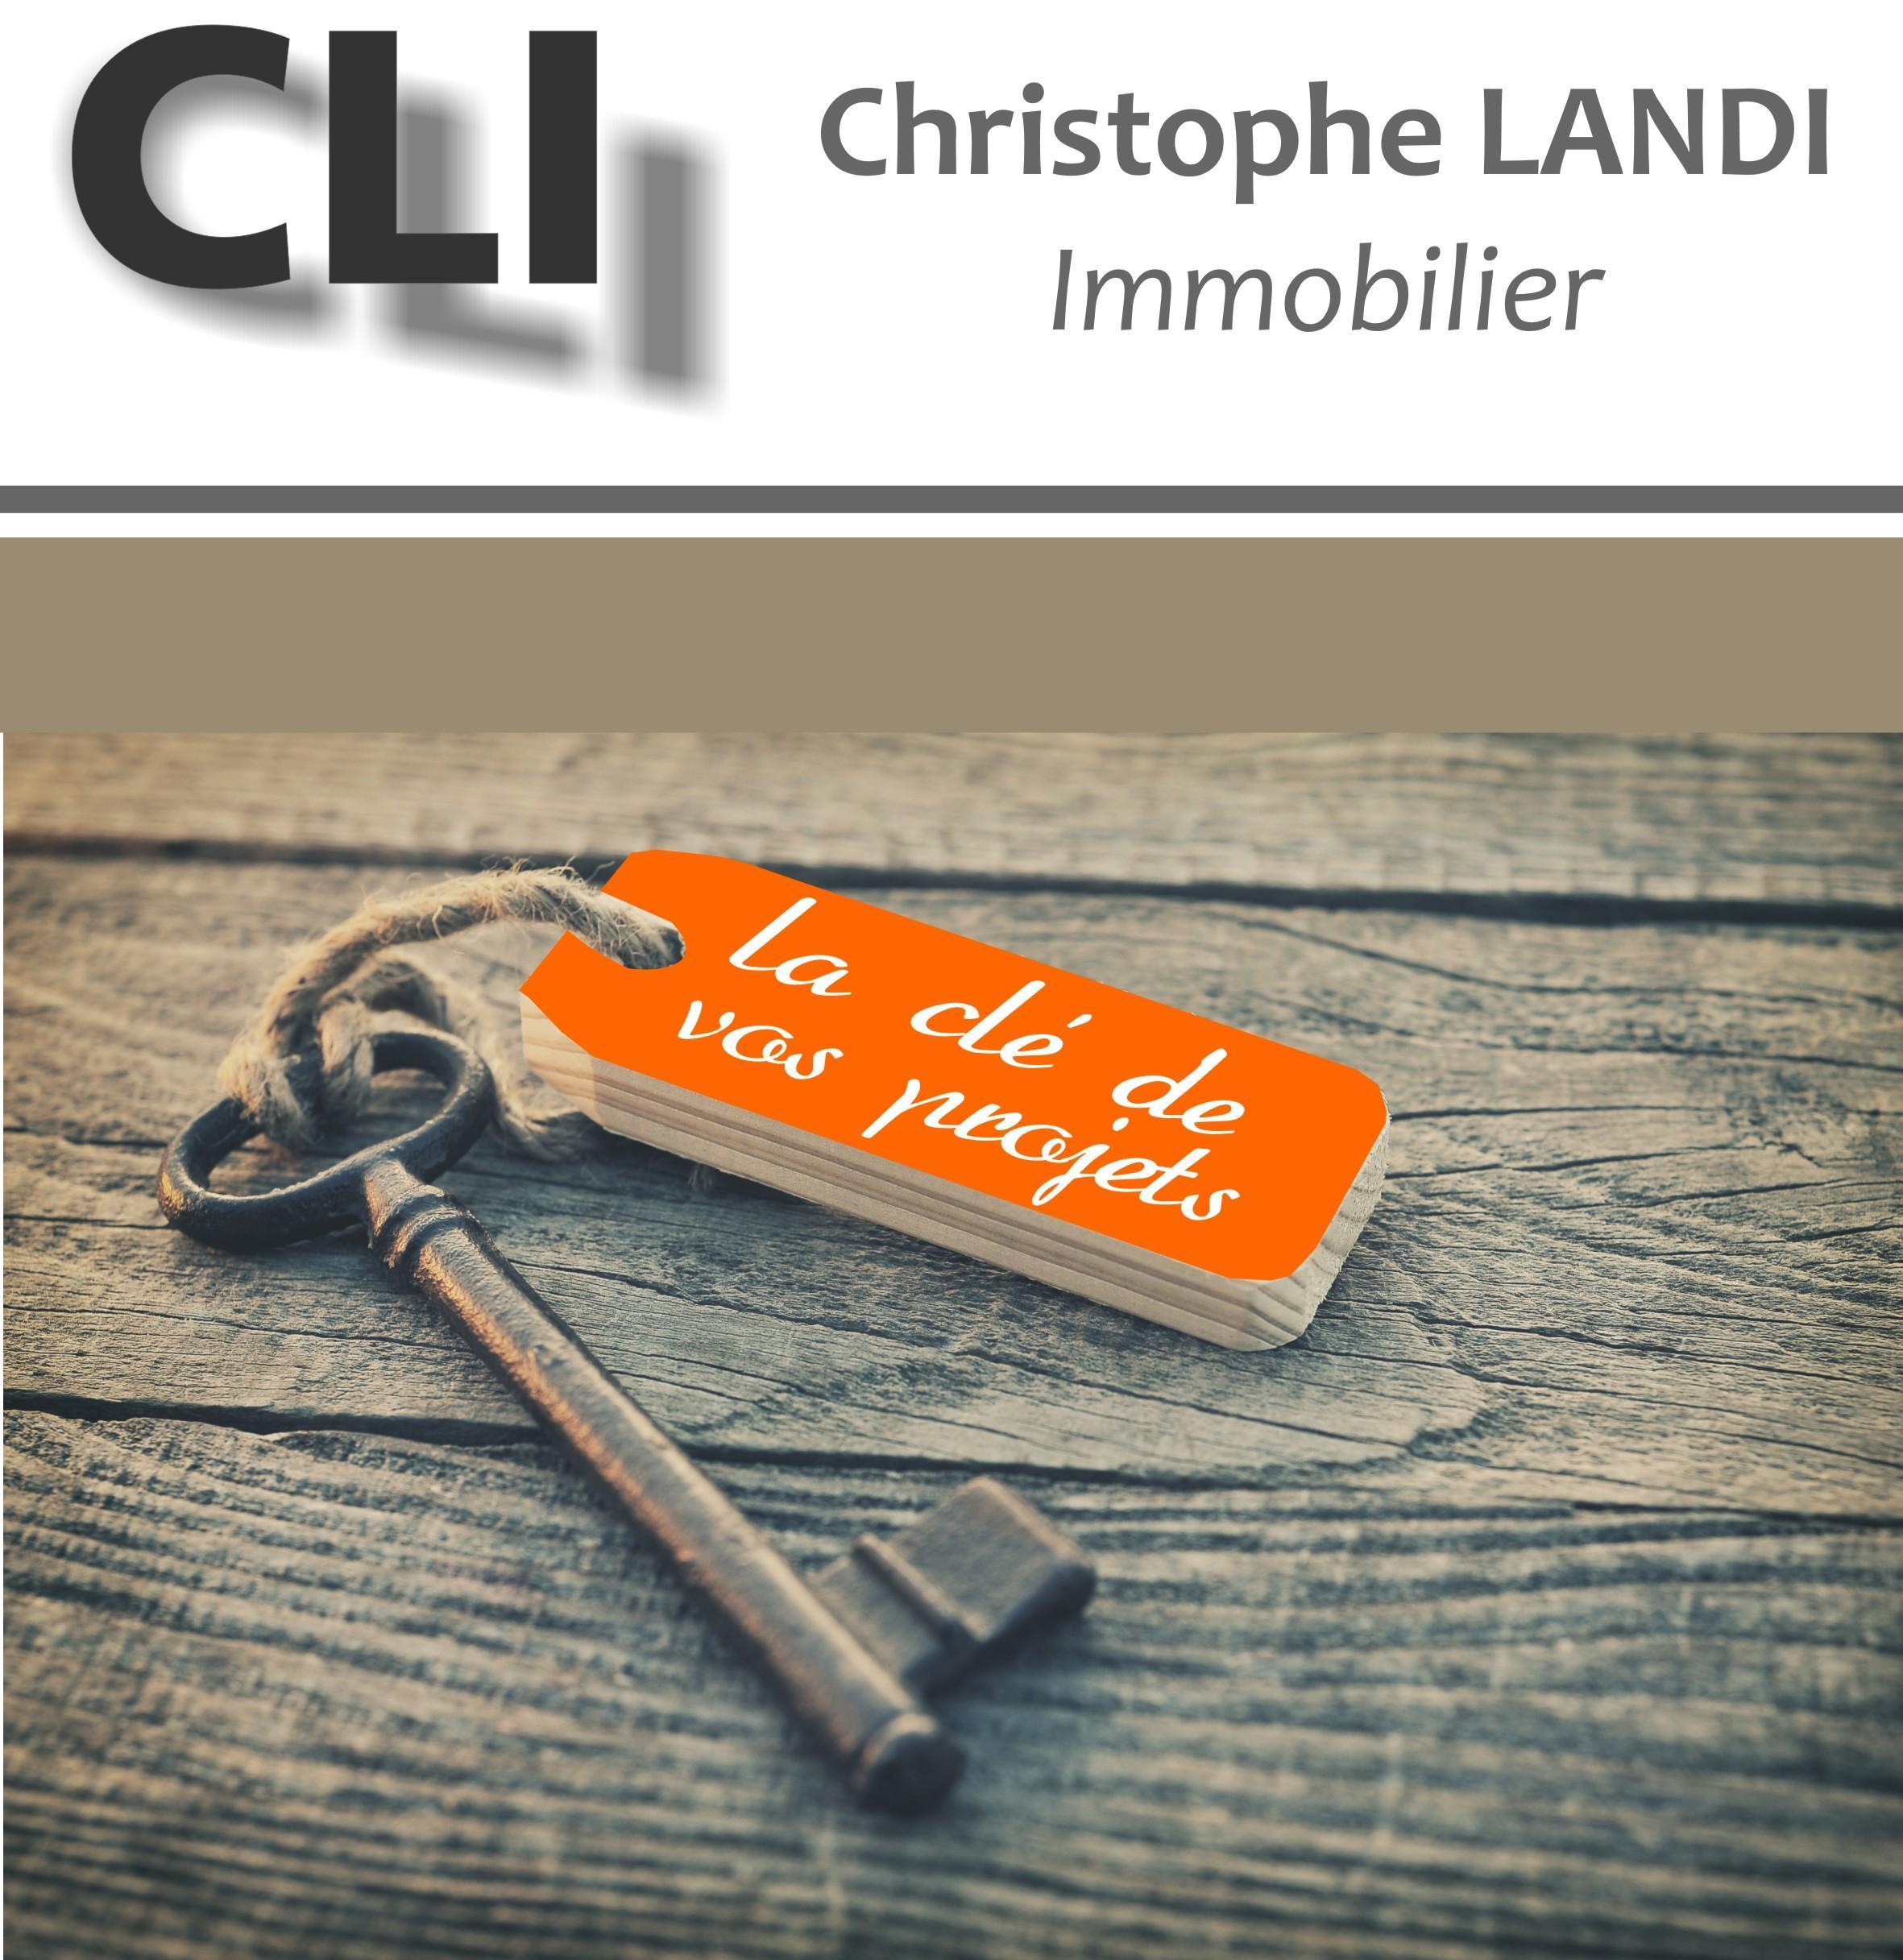 Christophe Landi Immobilier agence immobilière Pont-Saint-Pierre 27360